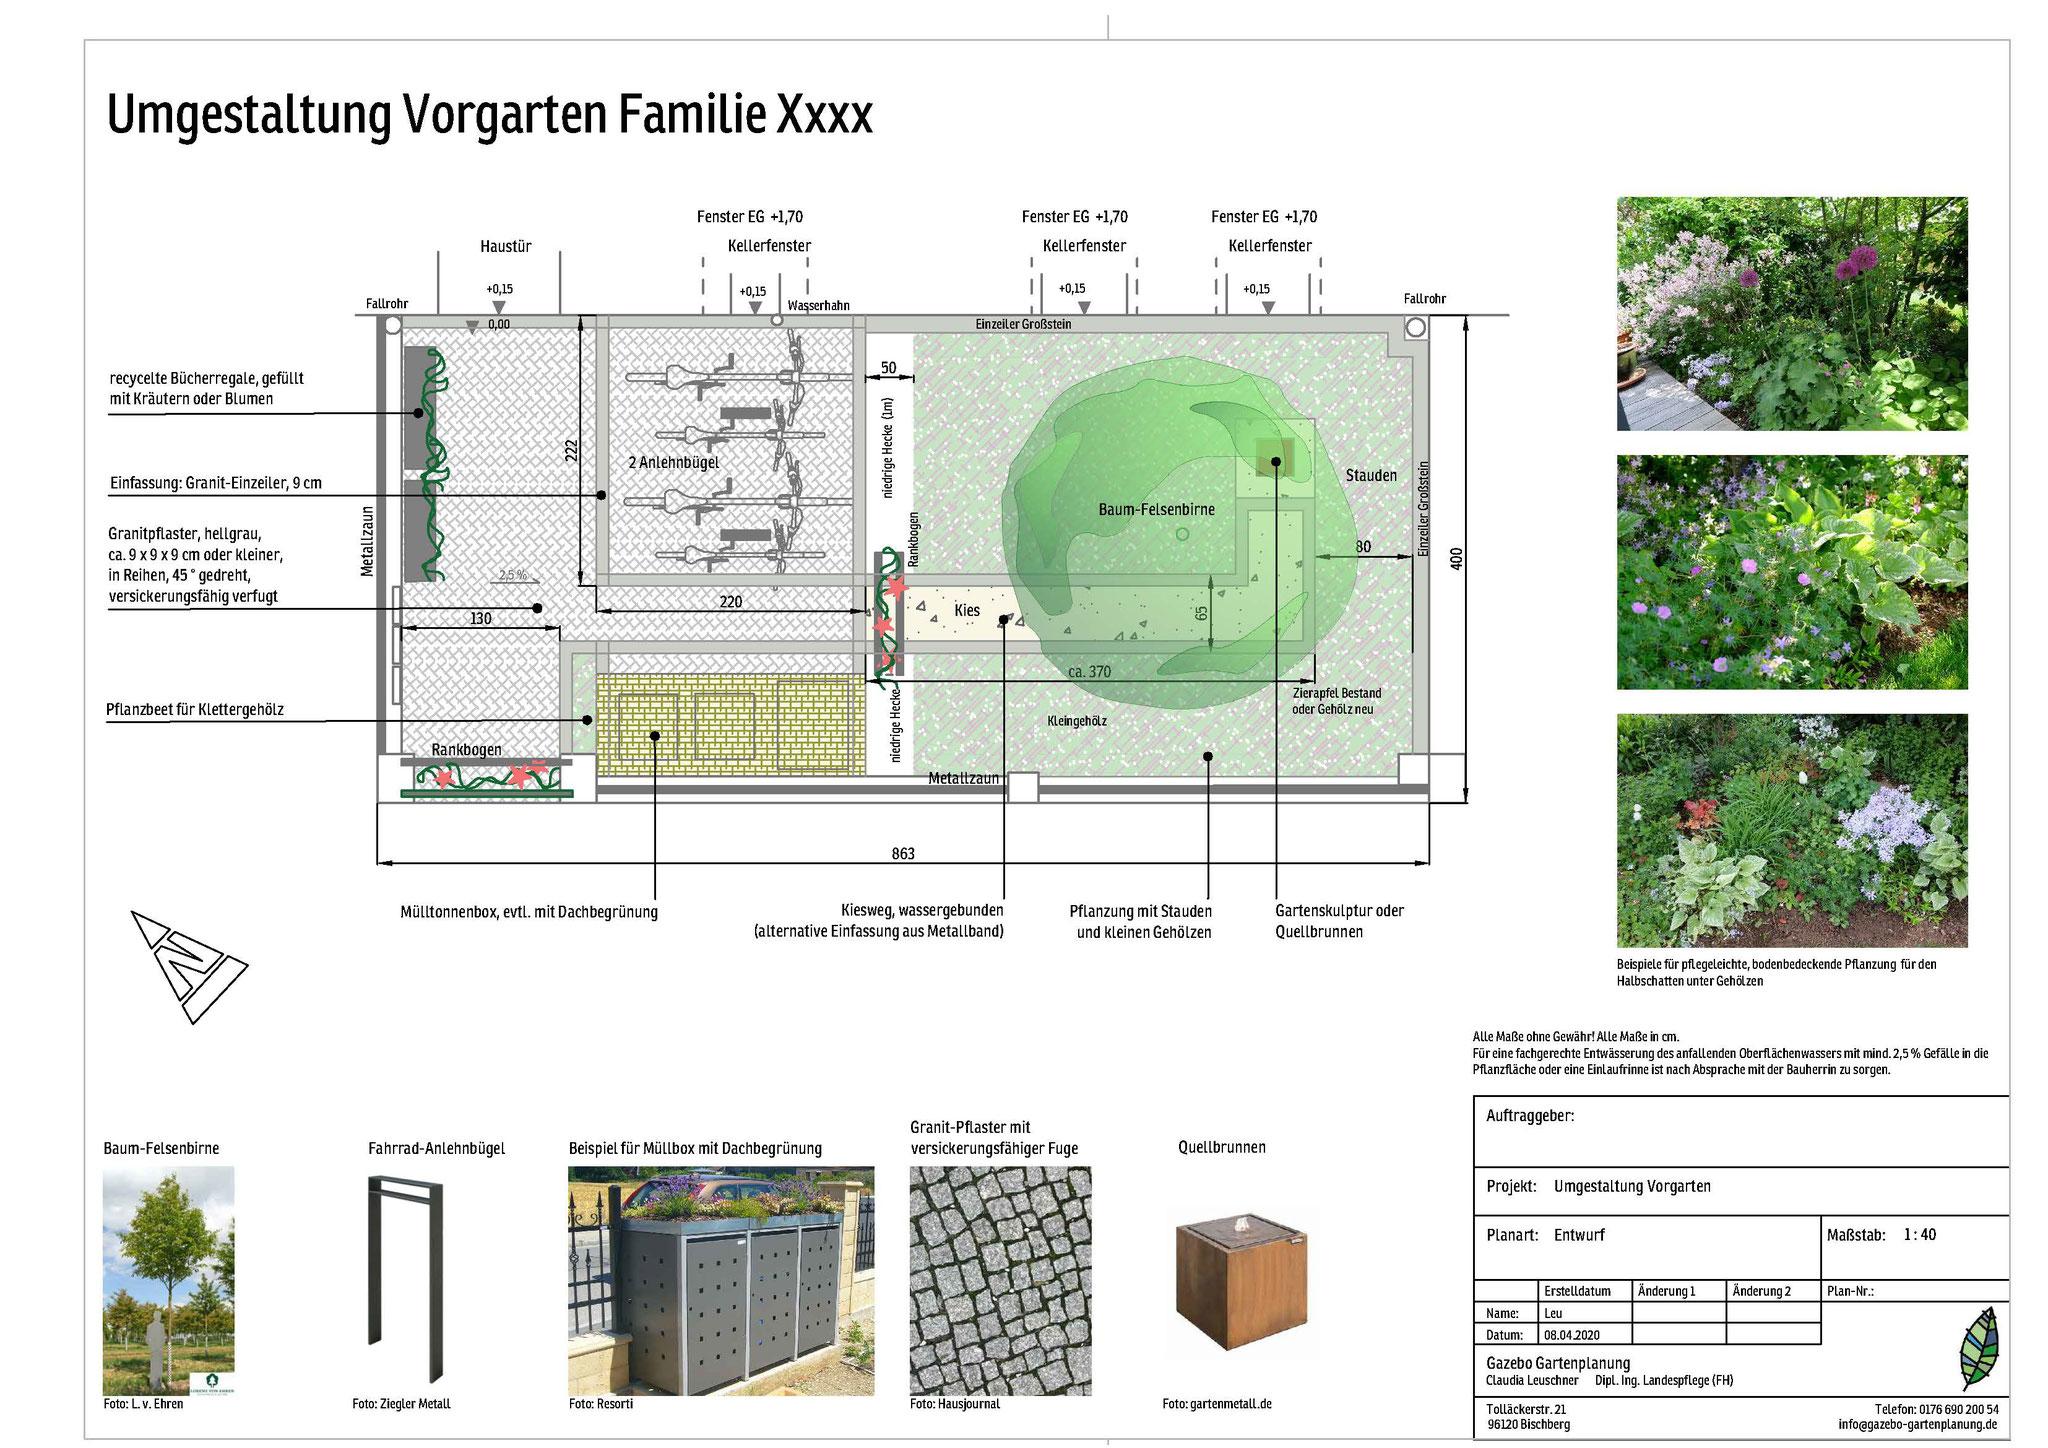 Städtischer Gründerzeit - Vorgarten mit hohem Anspruch an Funktion